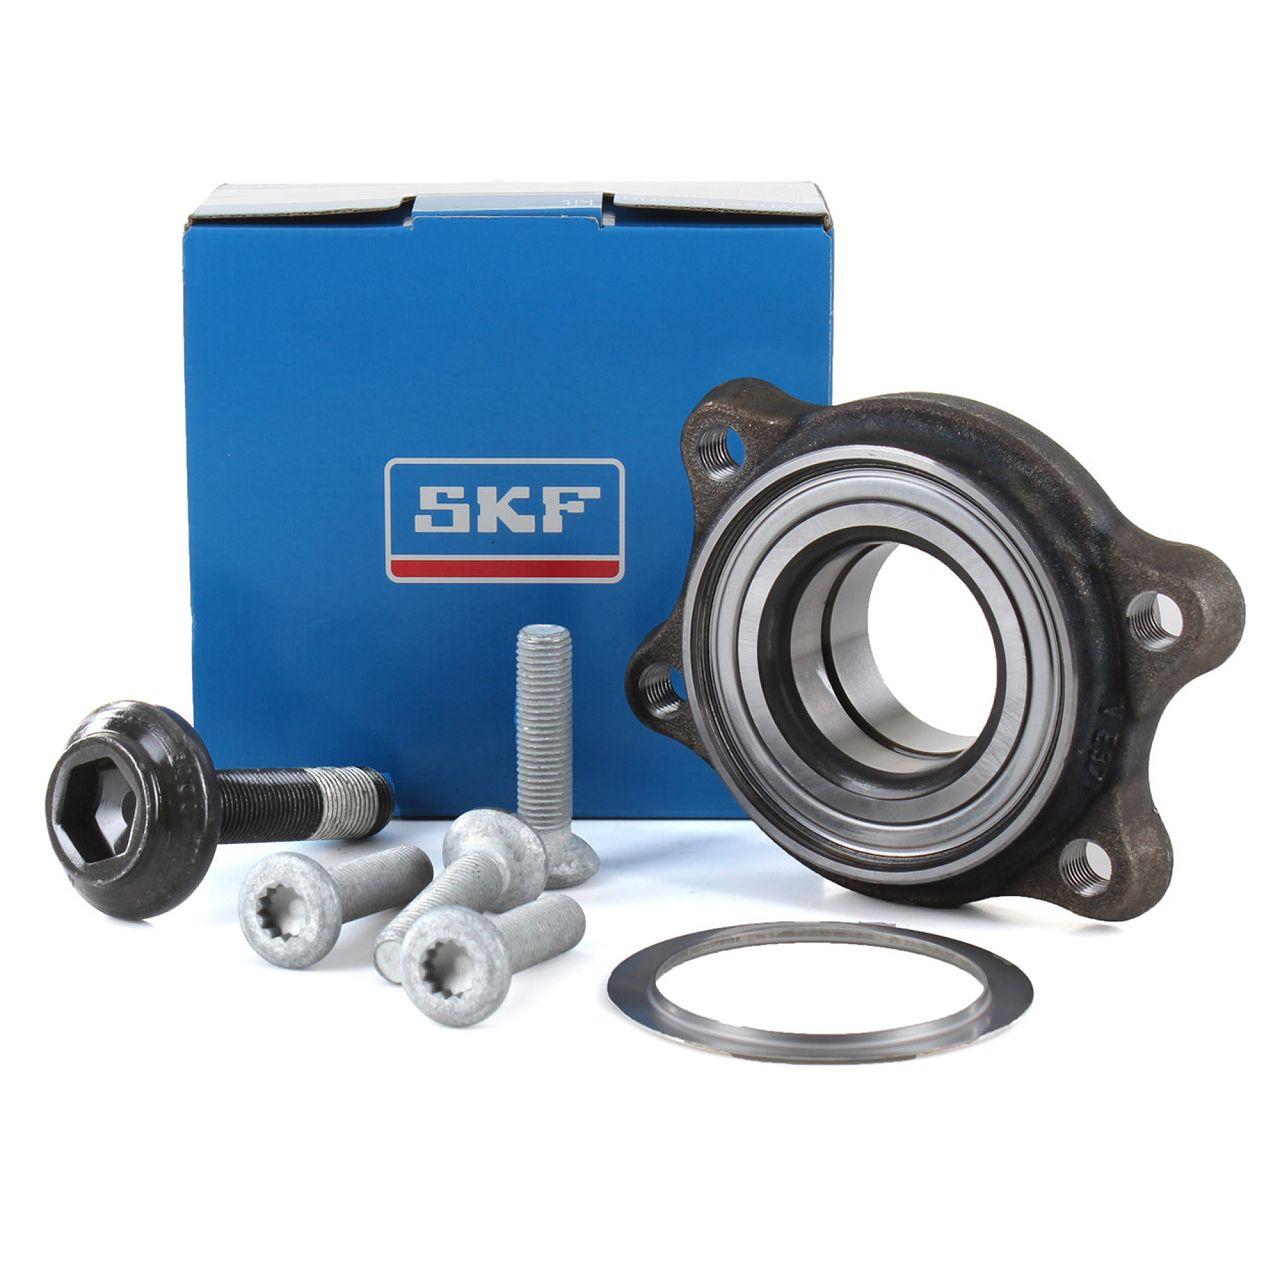 SKF Radnabe Radlager Rep.-Satz für AUDI A6 C6 A8 4E R8 VW PHAETON vorne / hinten